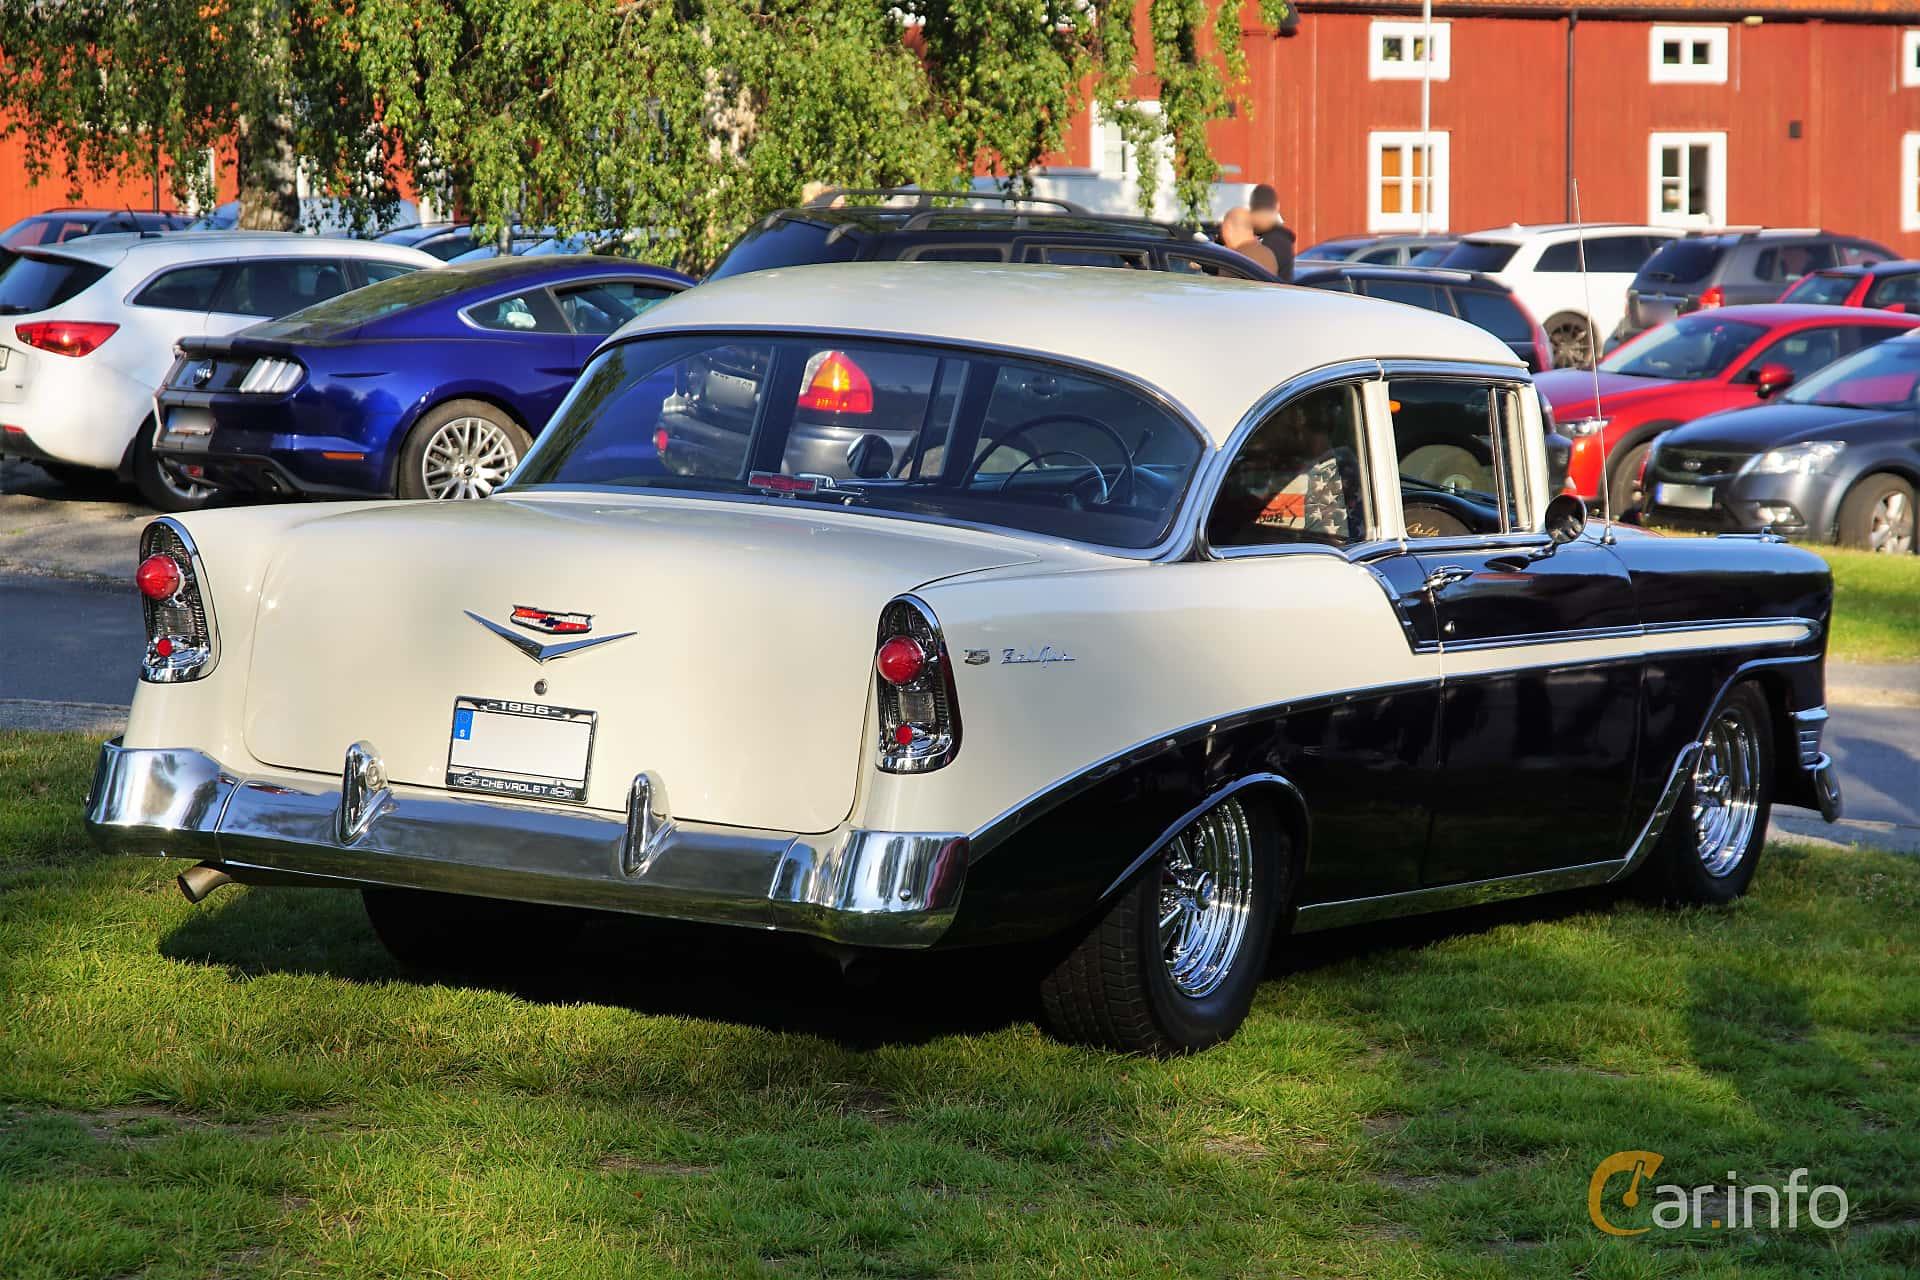 Chevrolet Bel Air 2-door Sedan 4.3 V8 Powerglide, 228hp, 1956 at Onsdagsträffar på Gammlia Umeå 2019 vecka 28